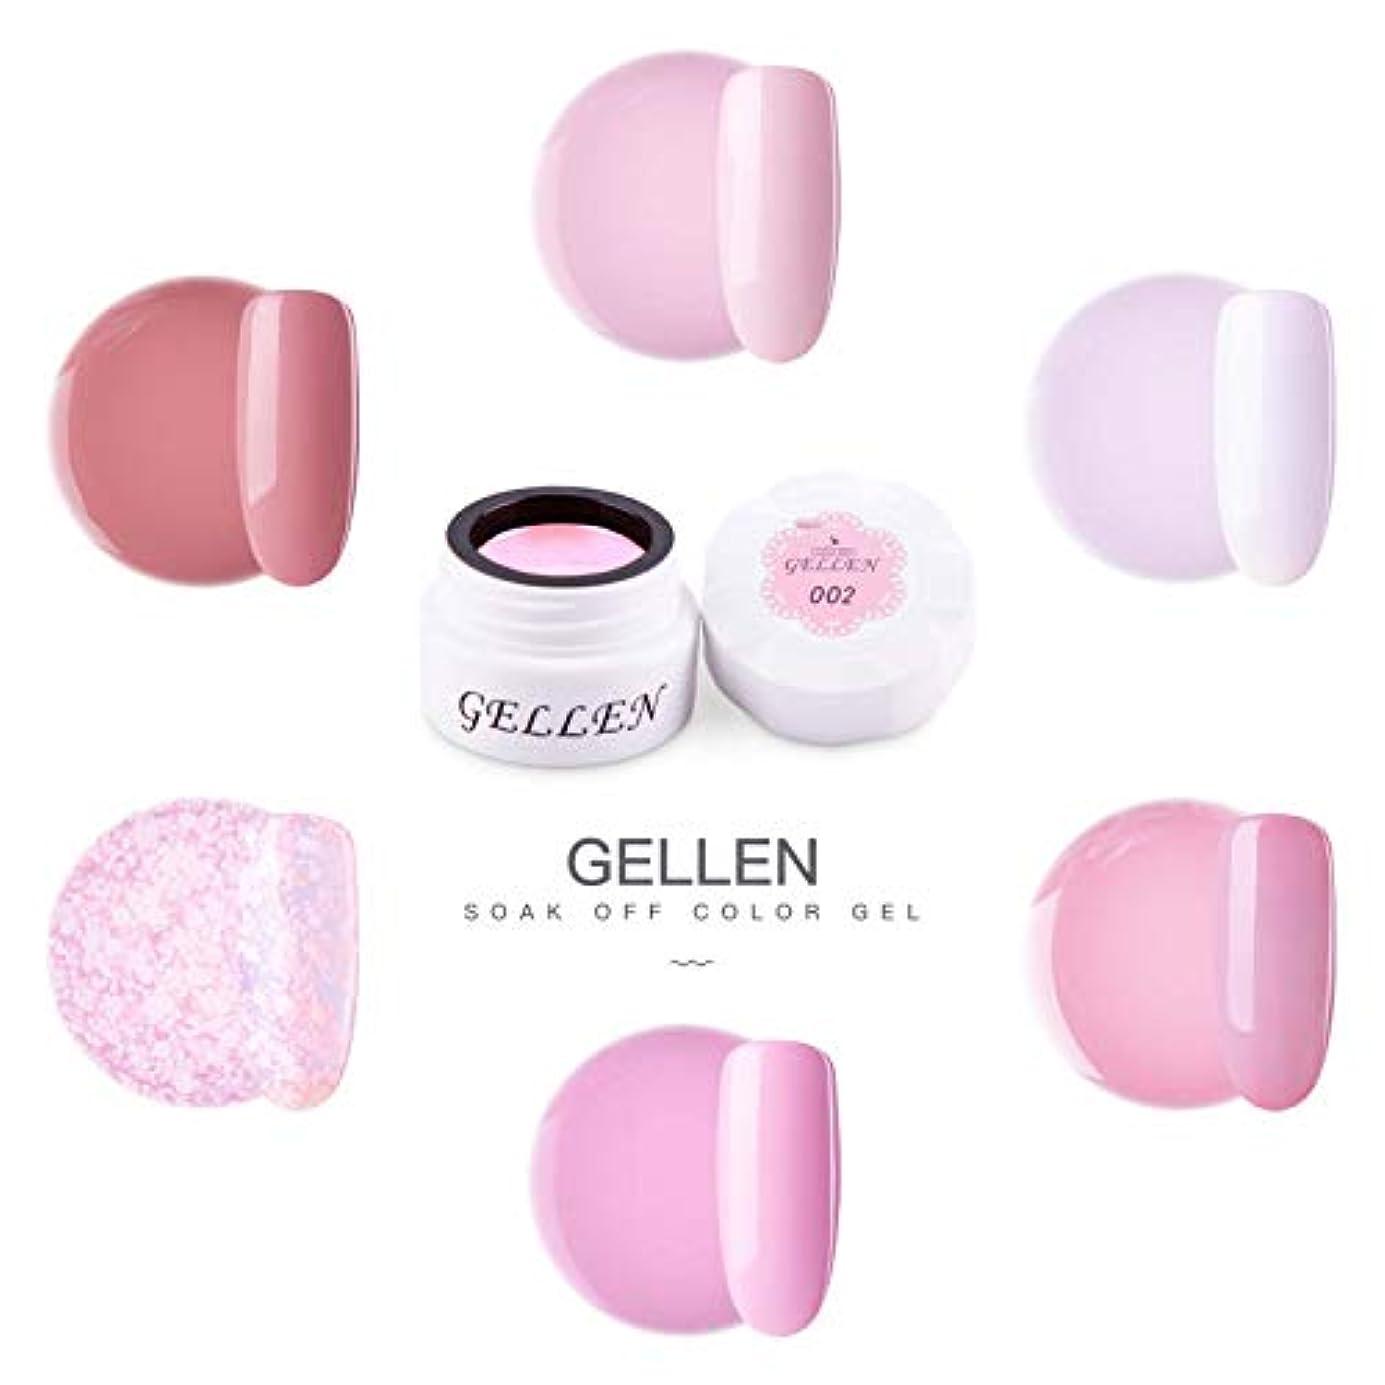 ハードウェア隣人と遊ぶGellen カラージェル 6色 セット[ライトピンク系]高品質 5g ジェルネイル カラー ネイルブラシ付き